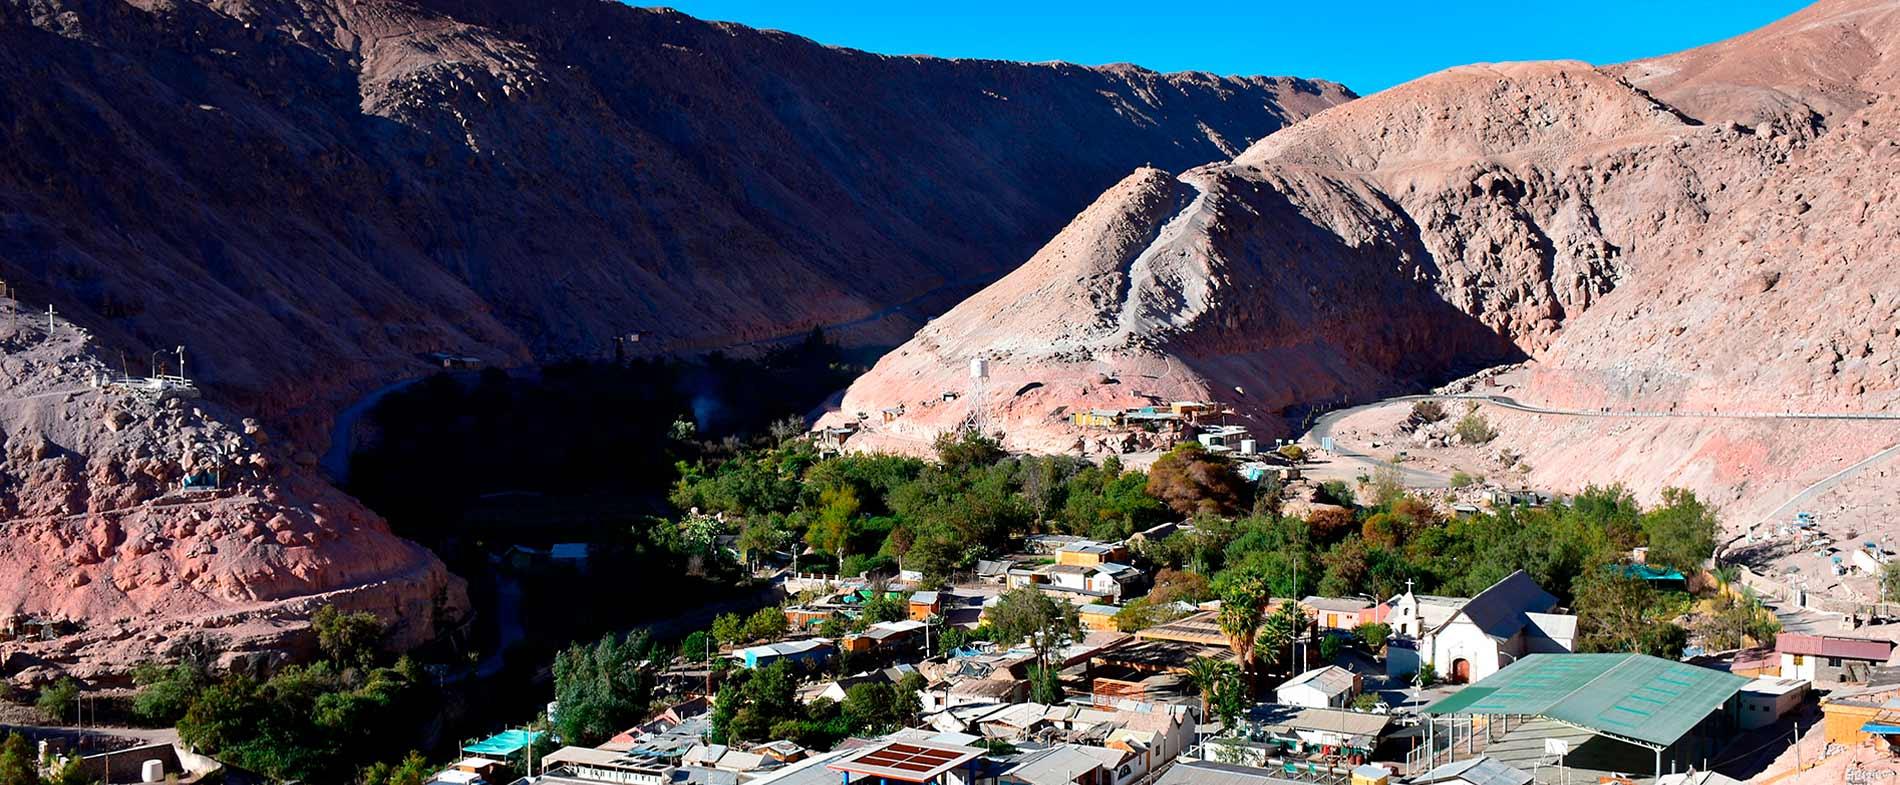 Valle de Codpa Camarones Arica y Parinacota Fotografo